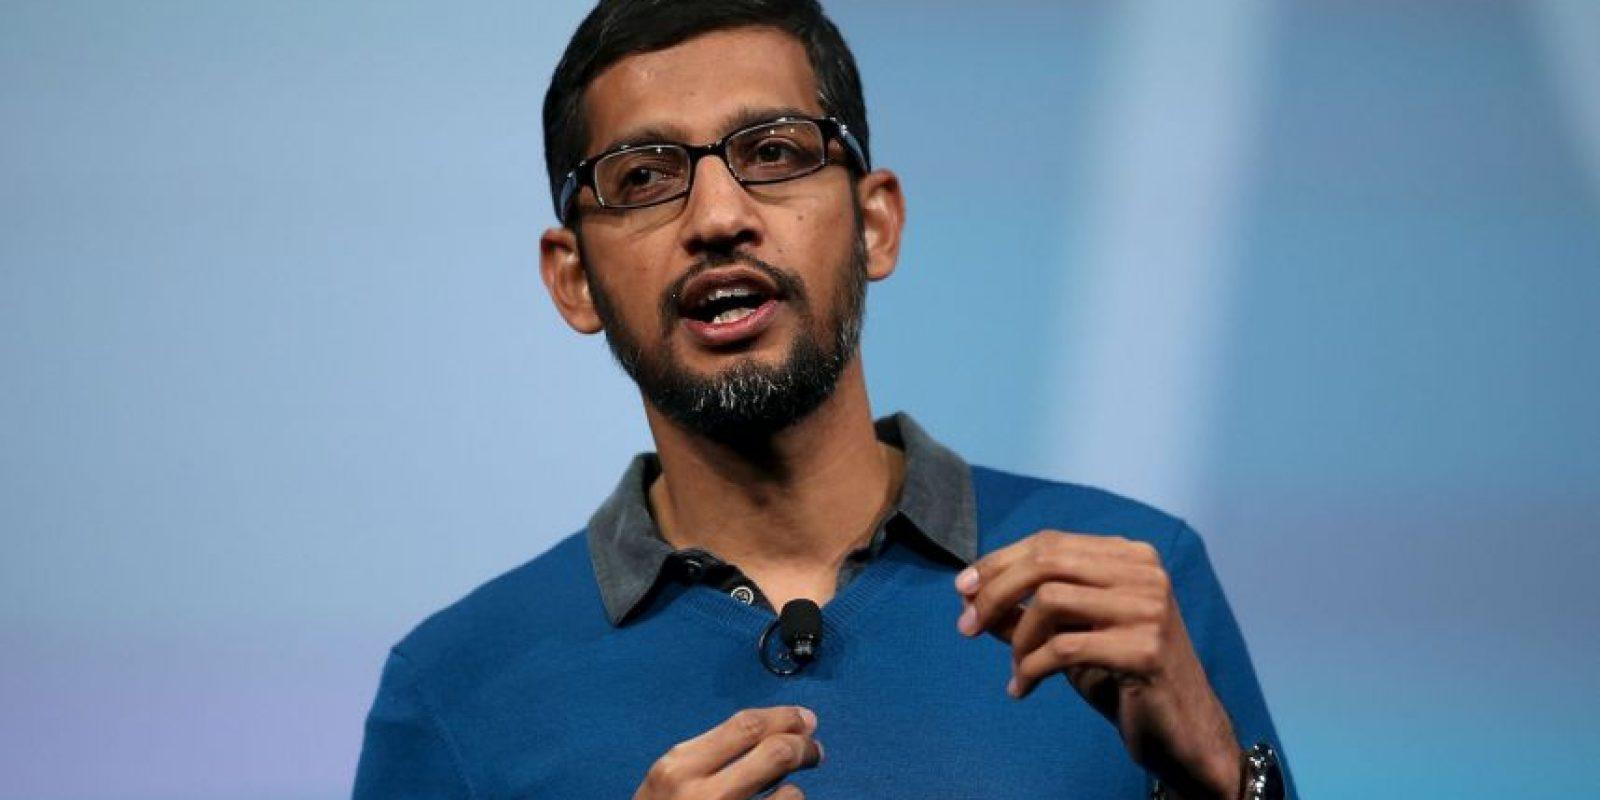 """Poco después de su ingreso, Pichai sugirió lo siguiente a sus jefes: """"Google debería tener su propio navegador"""". Foto:Getty Images"""